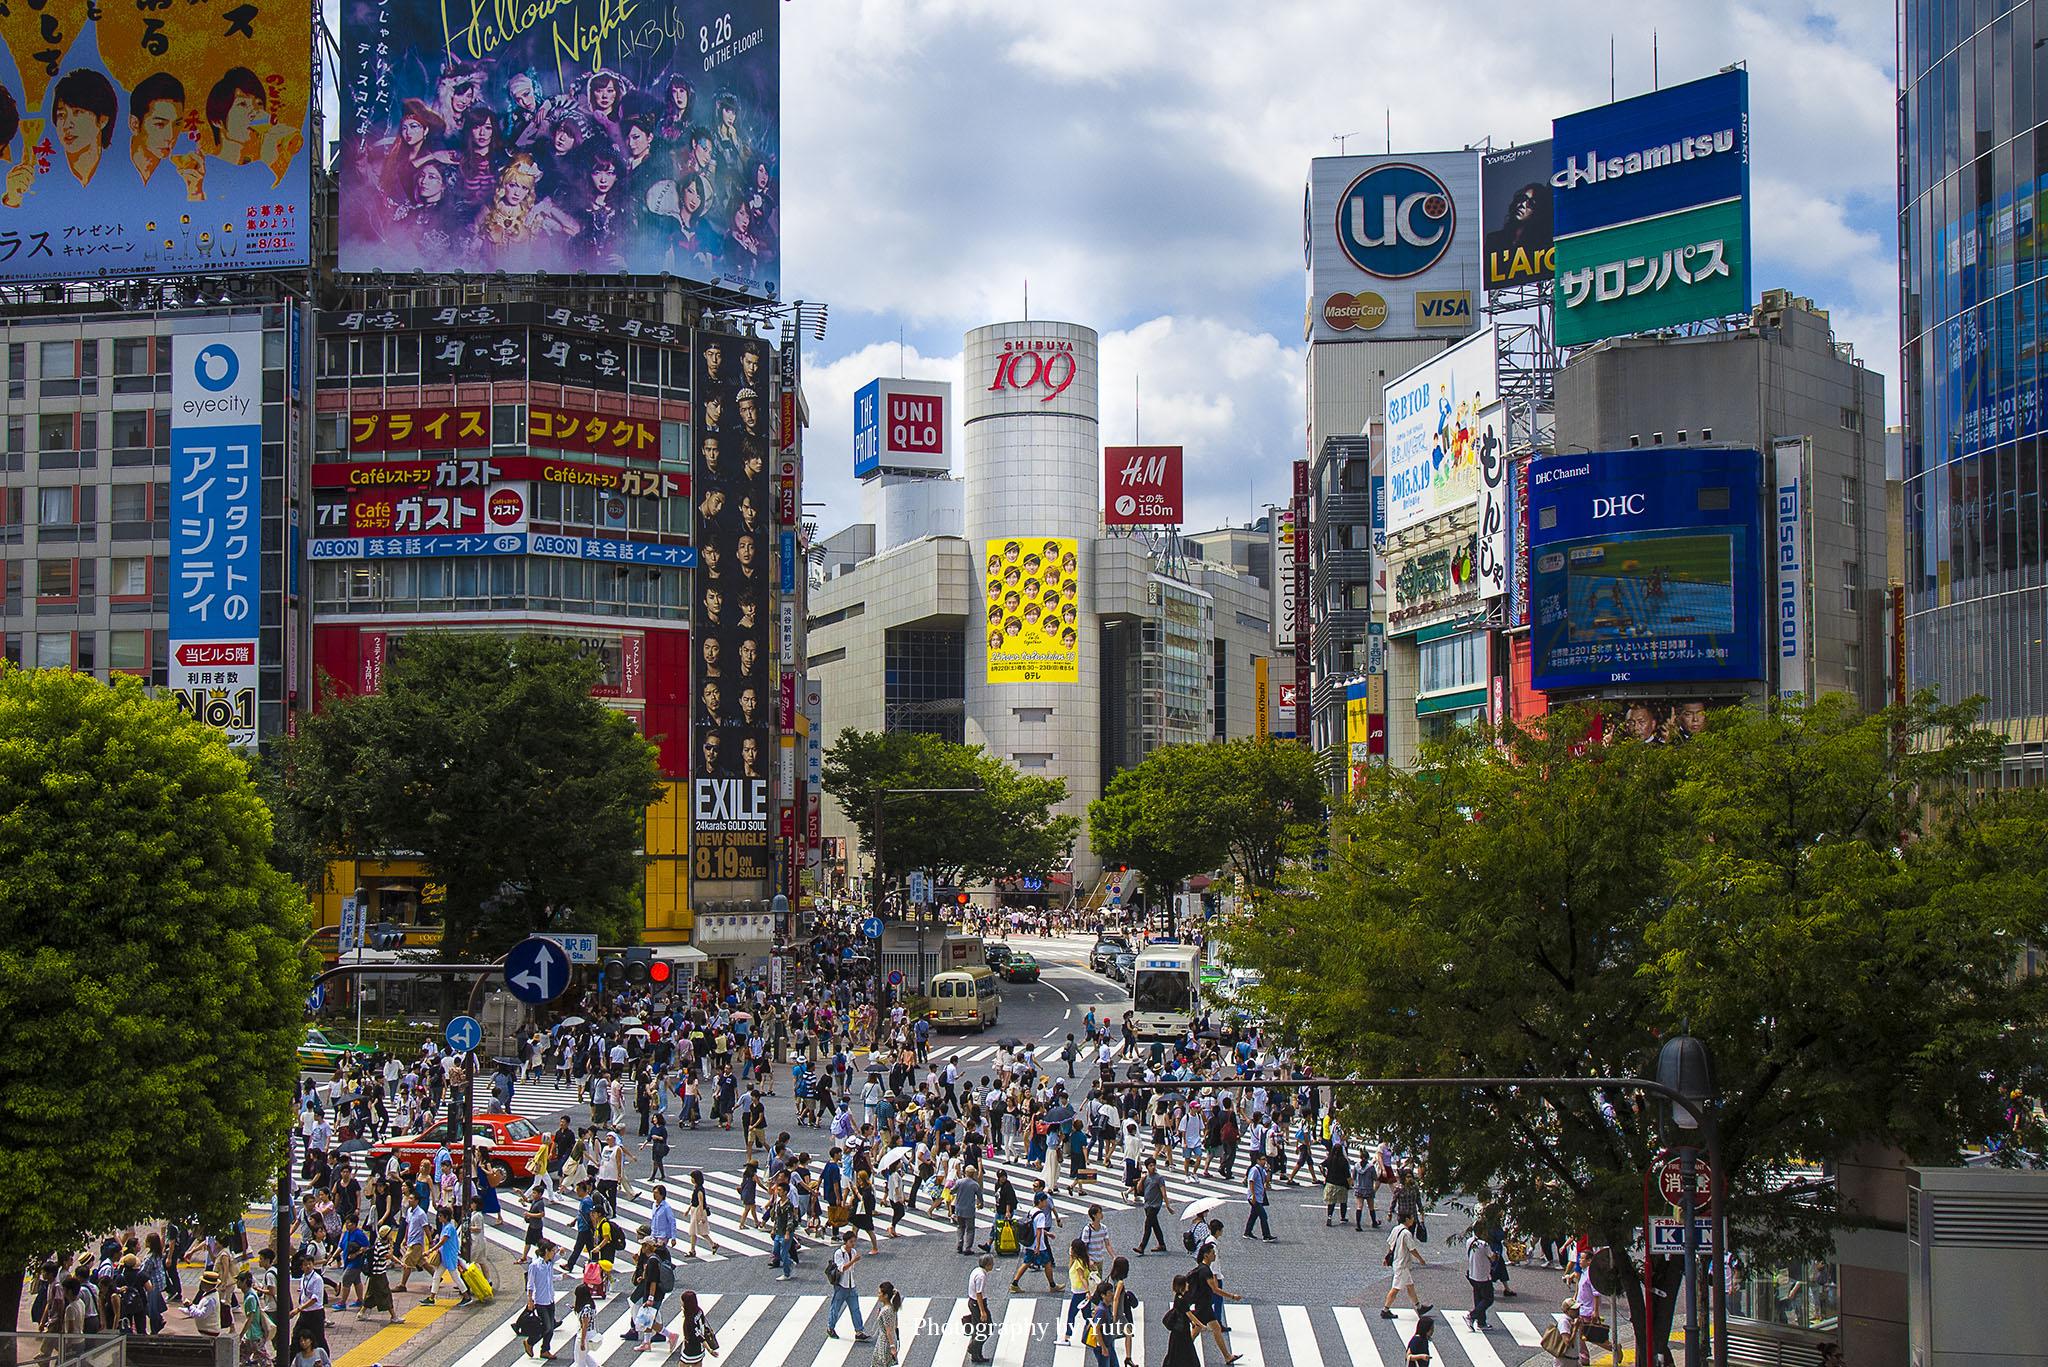 渋谷の撮影スポット ちょっとの散歩でかなり撮影が楽しめる